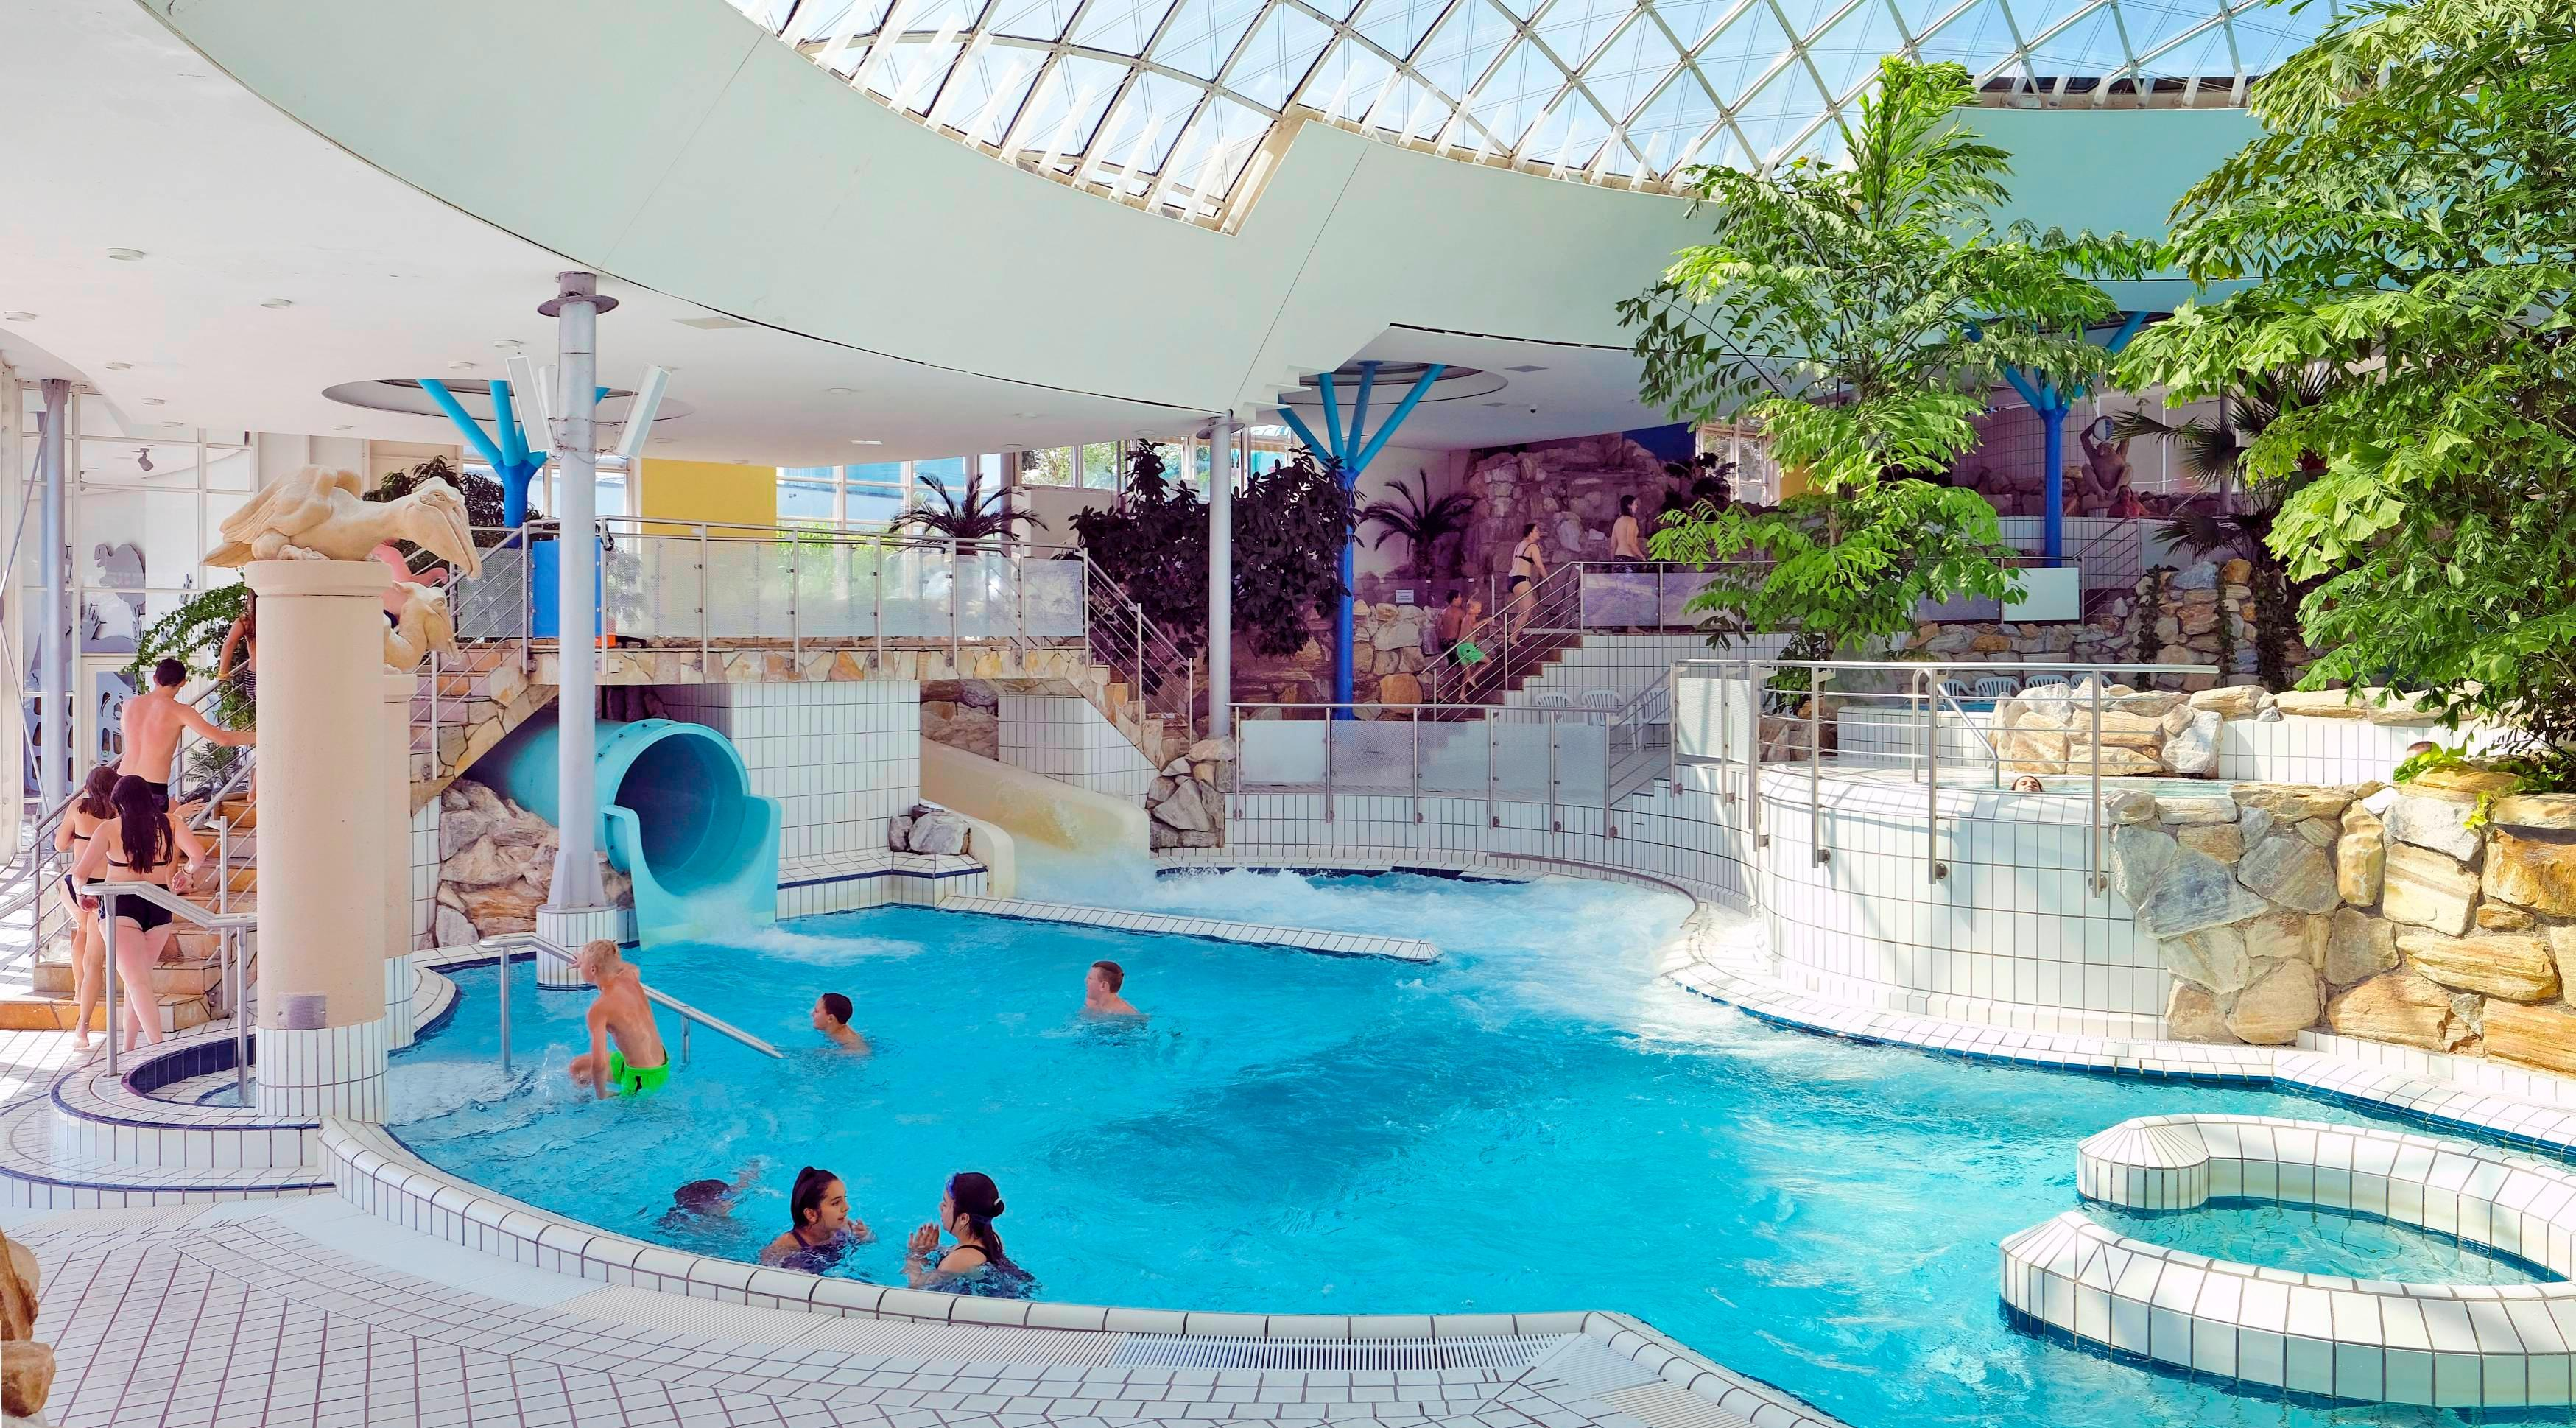 Die Sanierung des Erlebnisbades Aquatoll steht auf der Liste der weiteren großen Investitionsvorhaben, die die Finanzen der Stadt Neckarsulm mittelfristig belasten. Foto: Archiv/Mugler